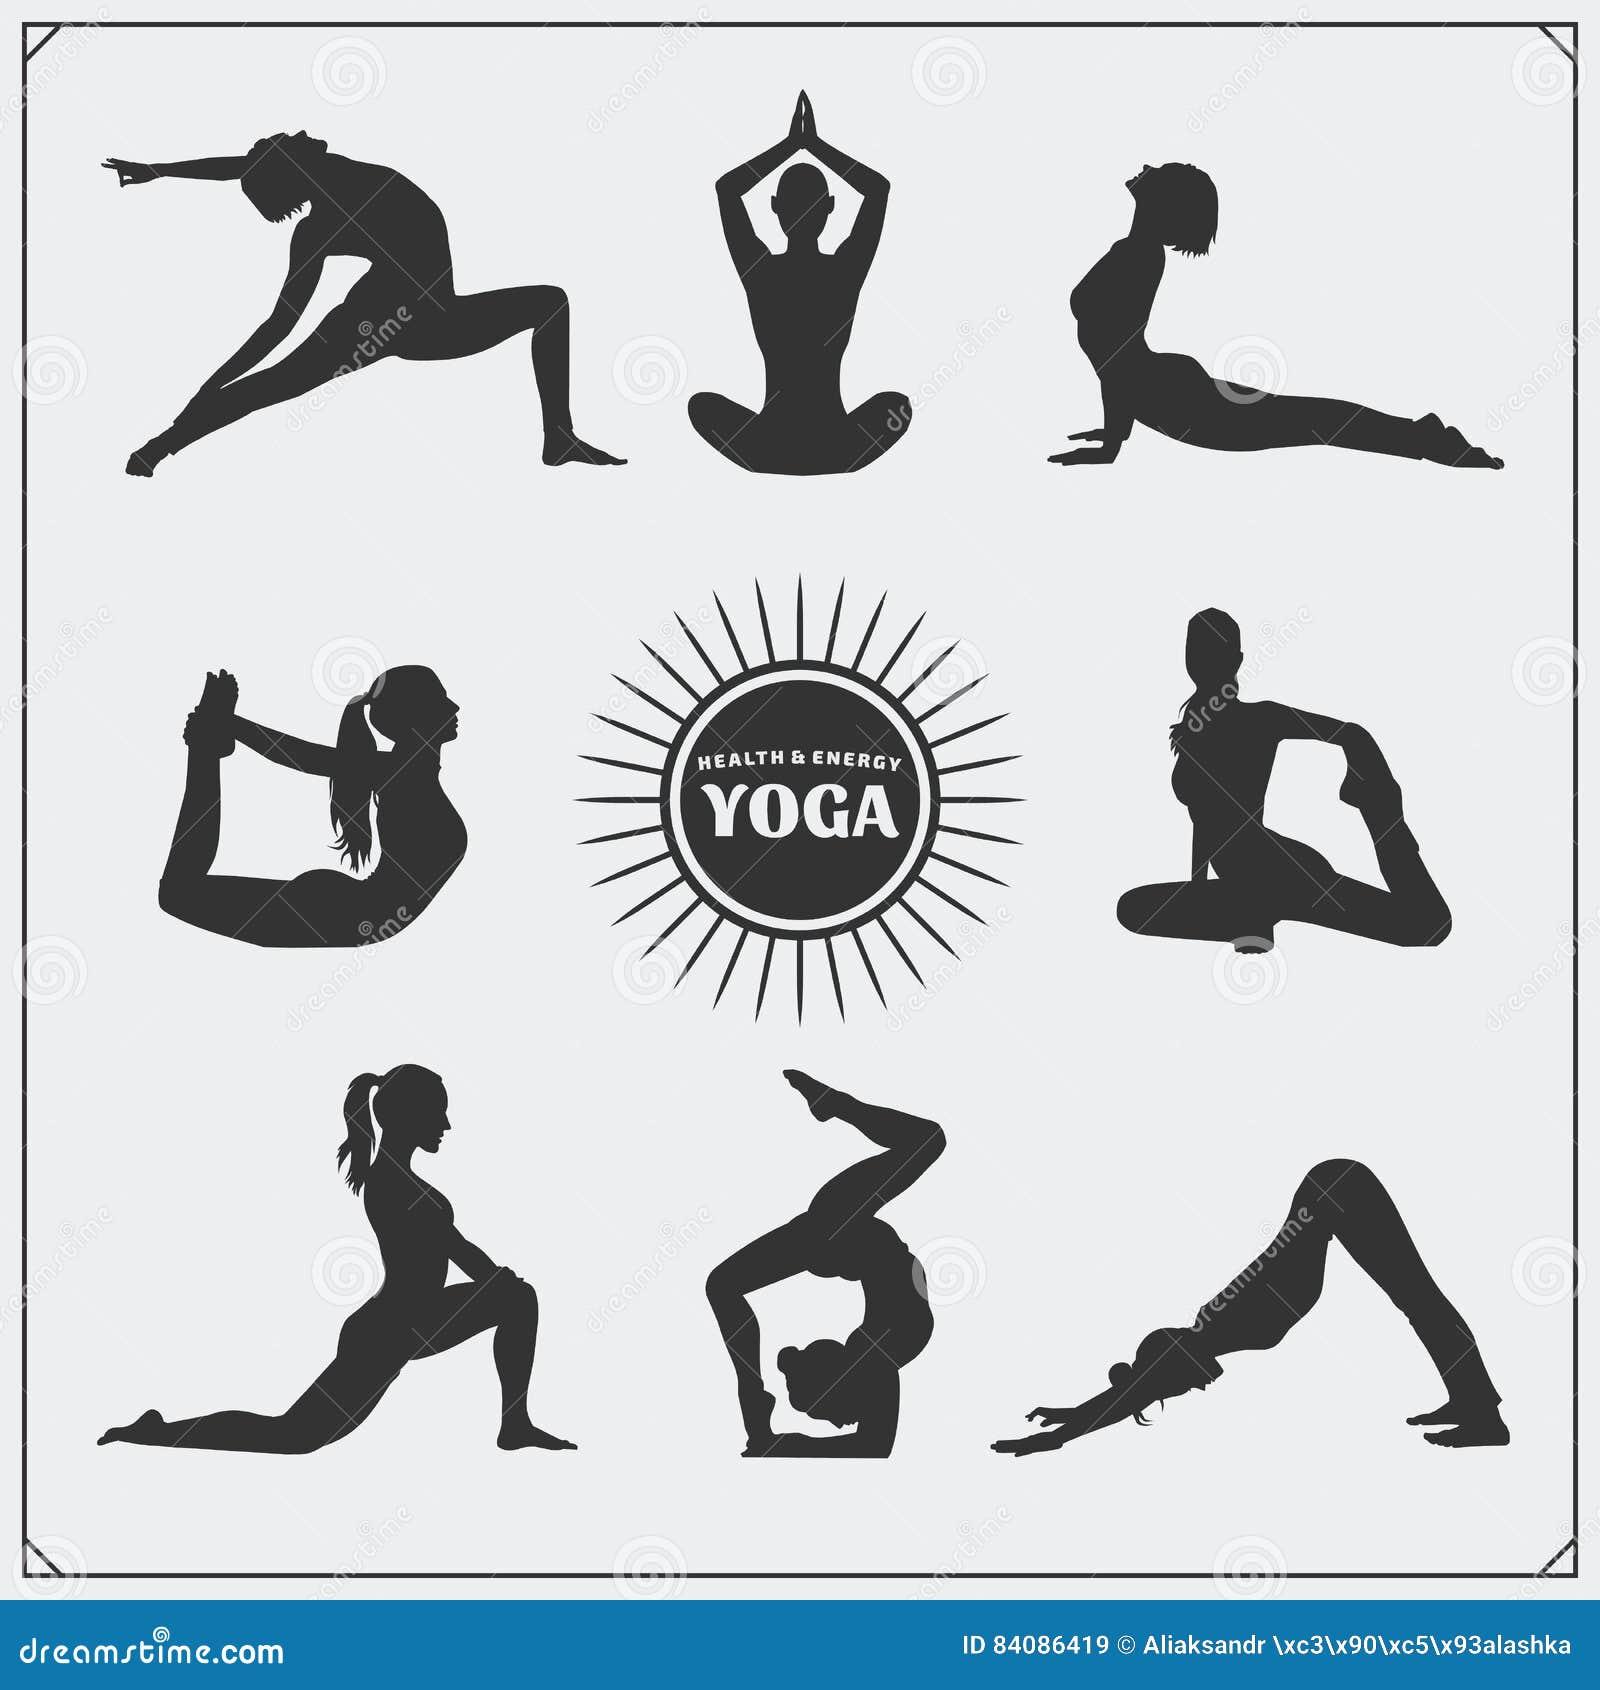 Yoga poses and yoga logo